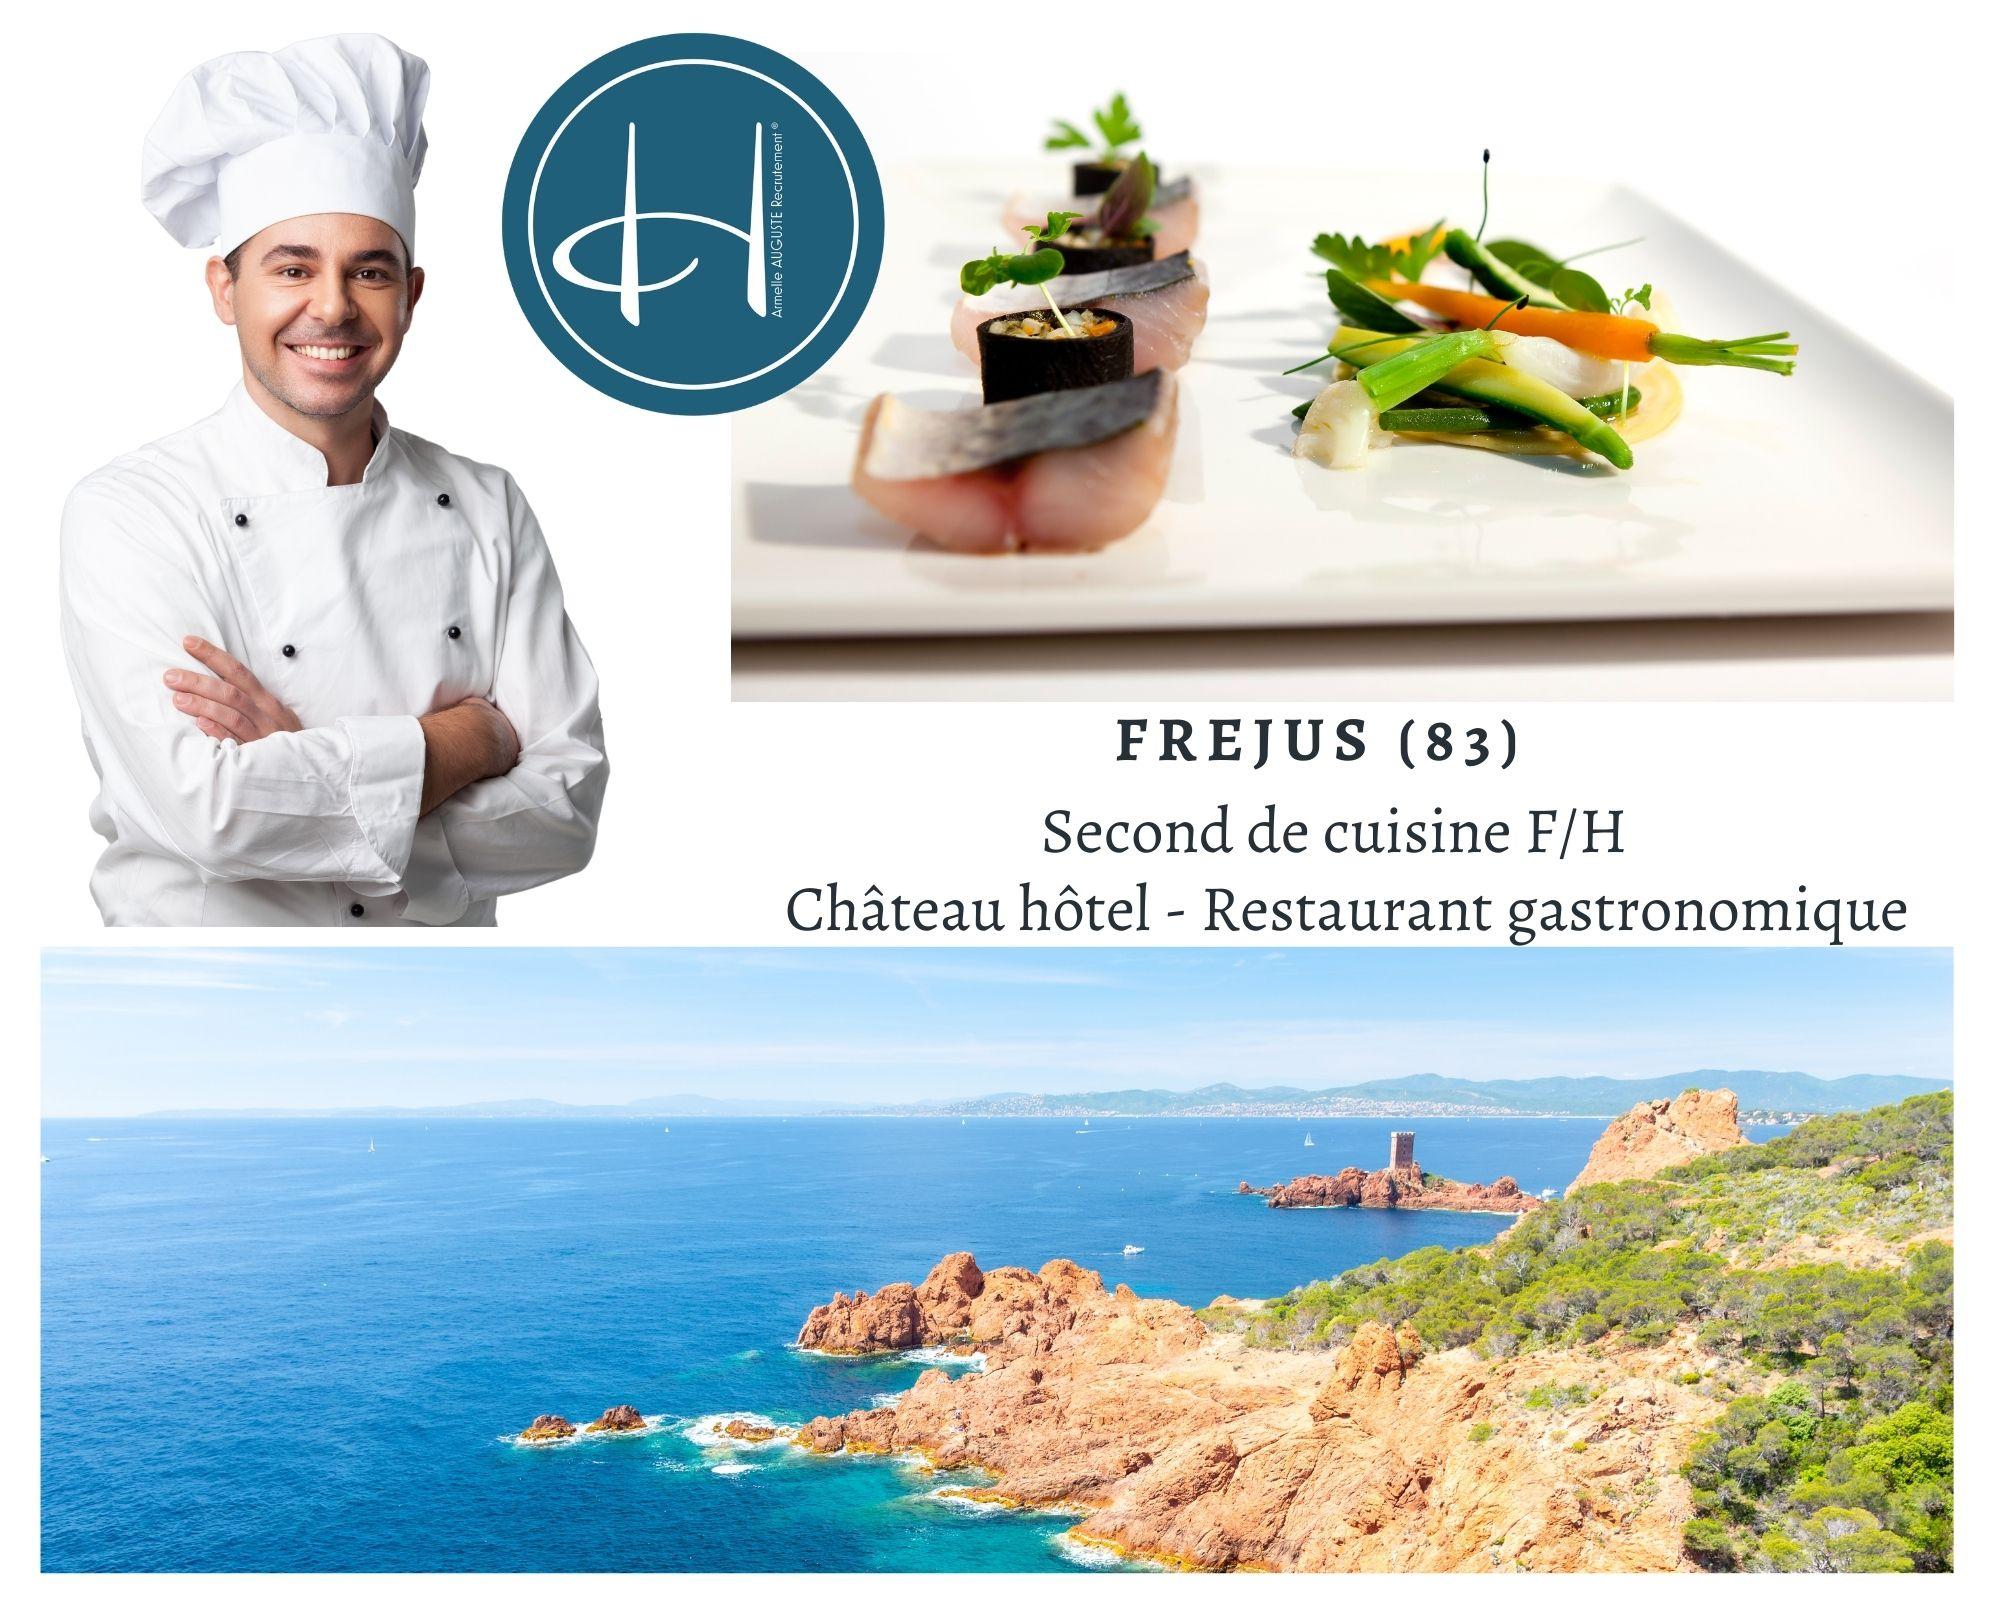 Recrutement: Second de cuisine futur chef de cuisine - Château hôtel - restaurant gastronomique F/H chez Armelle AUGUSTE Recrutement® à Fréjus